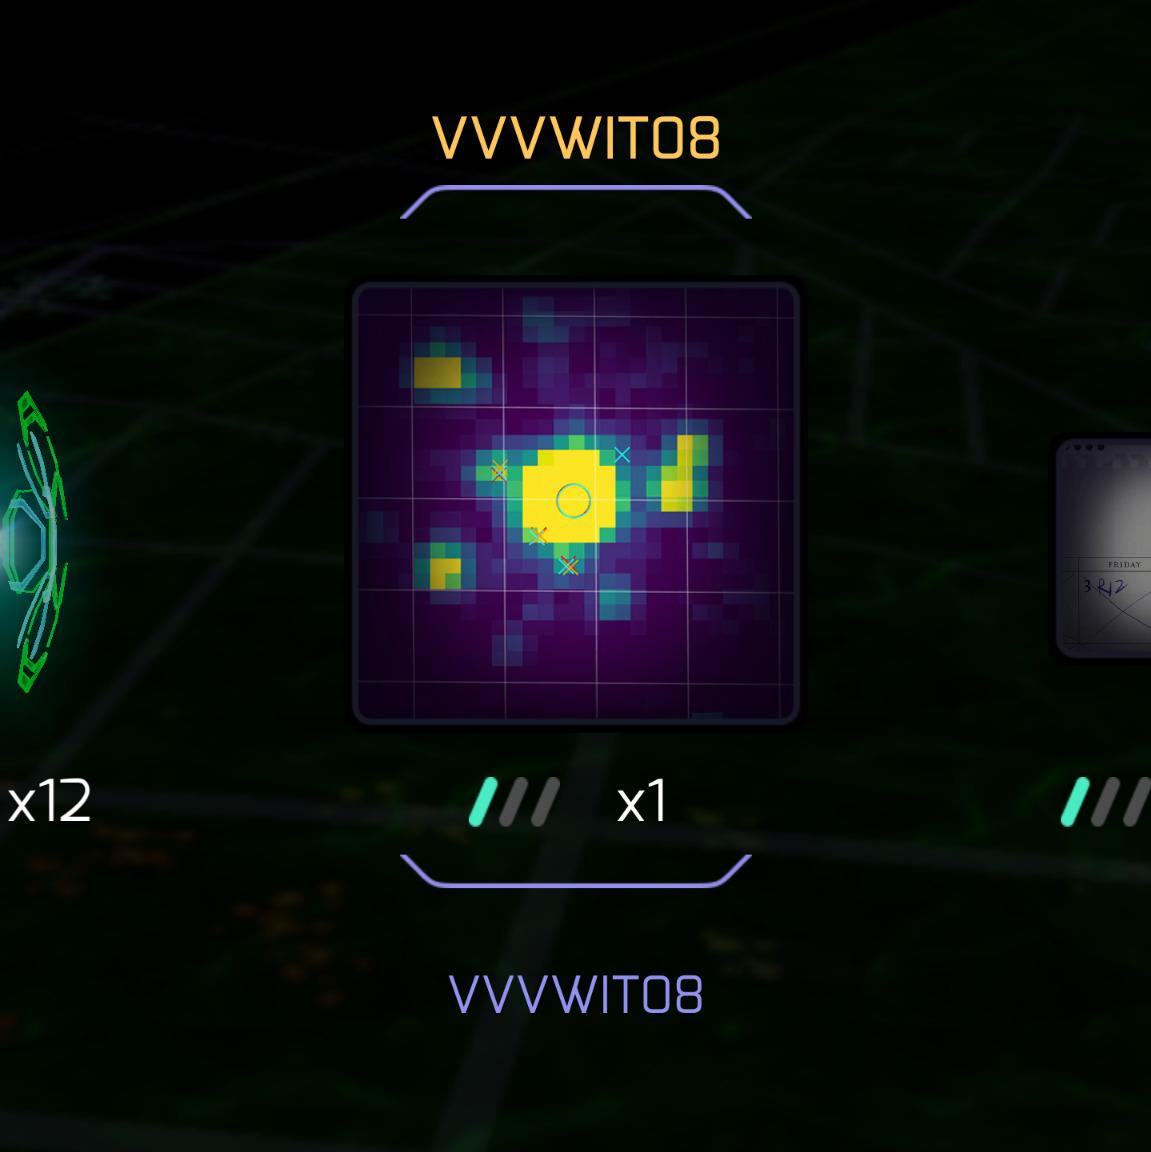 vvv-wit-08